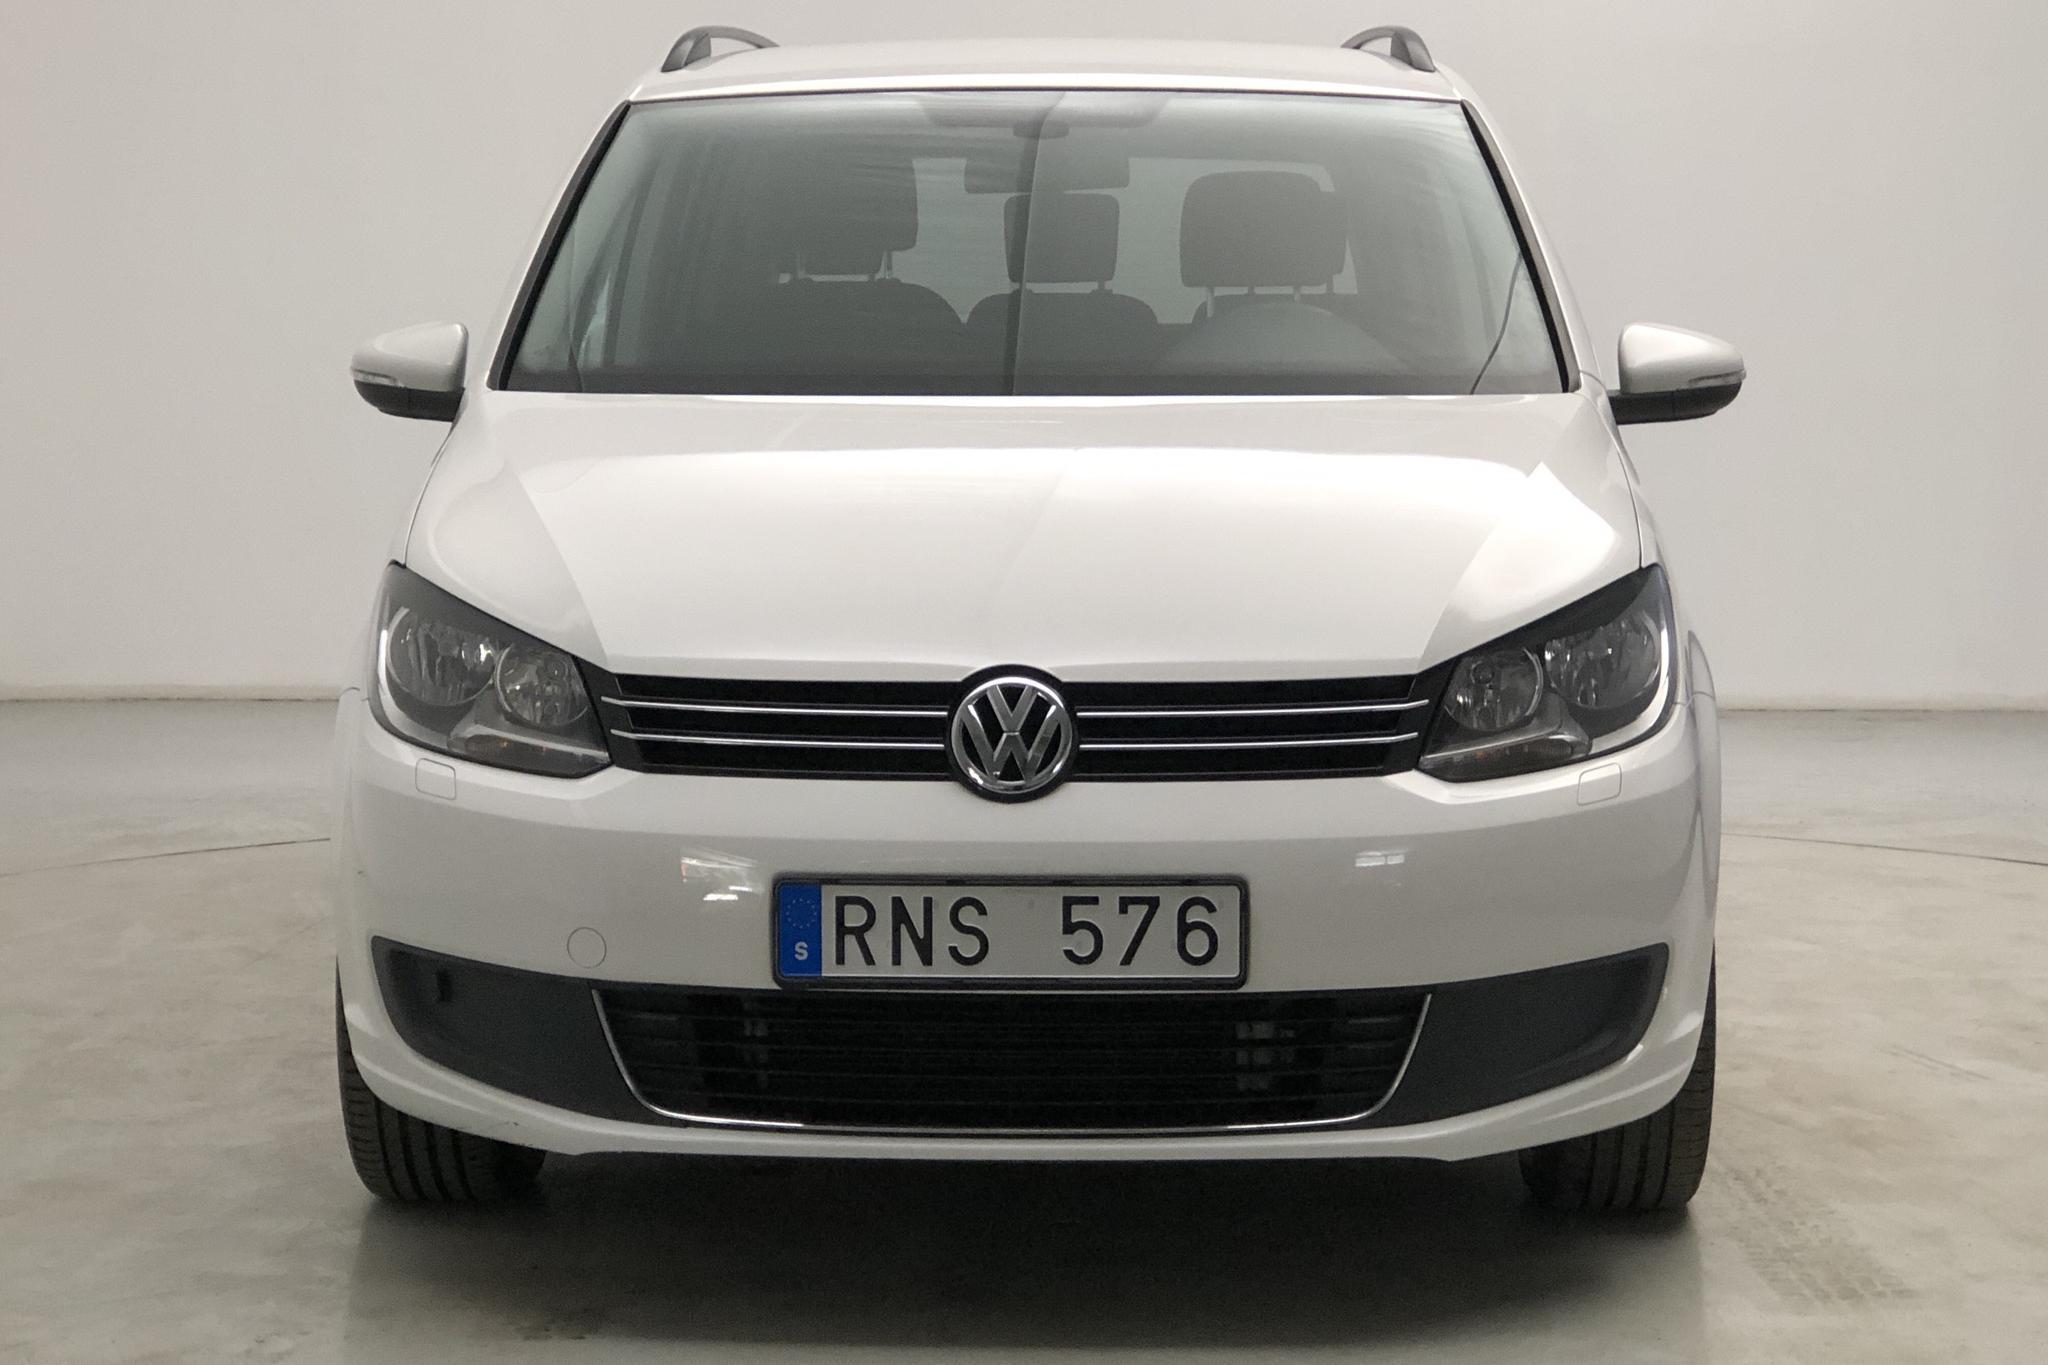 VW Touran 1.4 TGI EcoFuel (150hk) - 56 180 km - Automatic - white - 2014